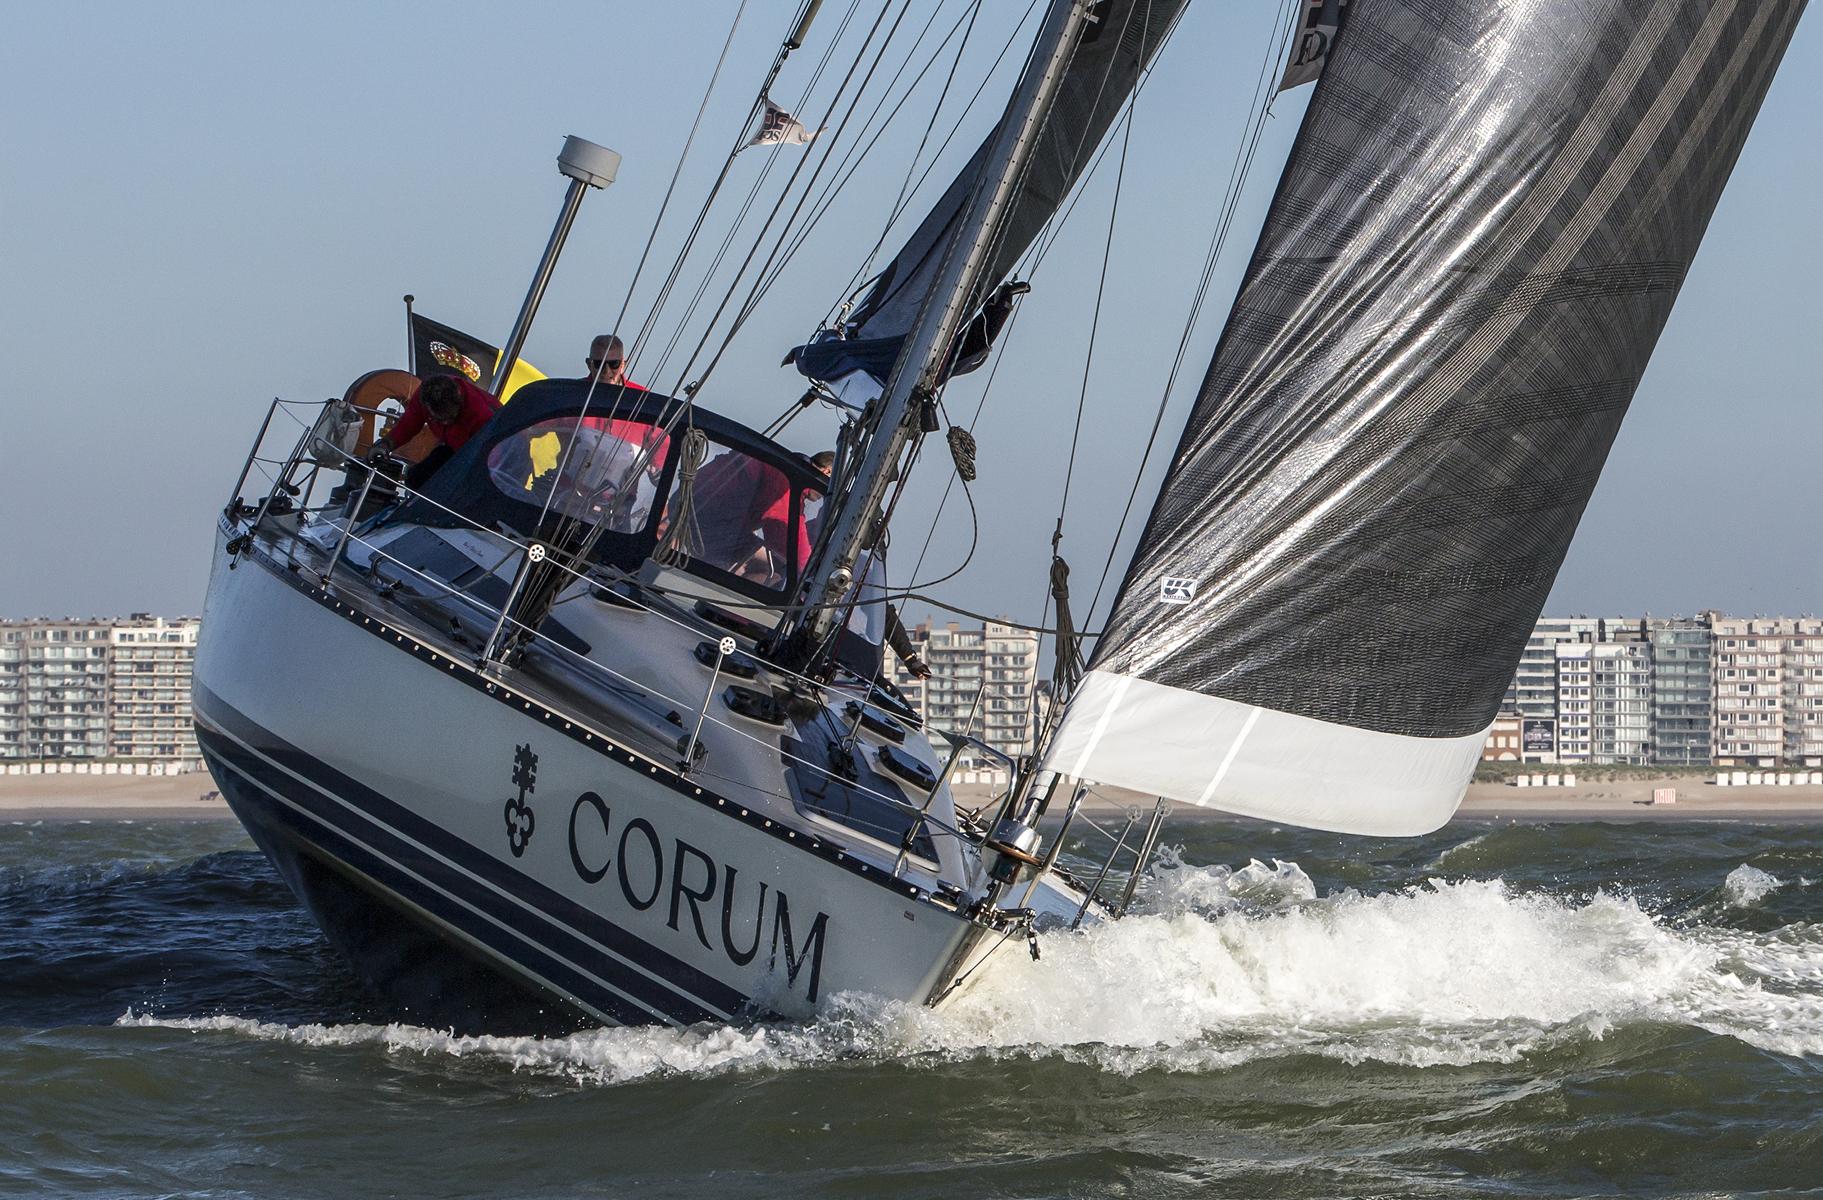 Photographer Gerhard Batur captured NiNiX reefed down off her home port of Nieuwpoort, Belgium.